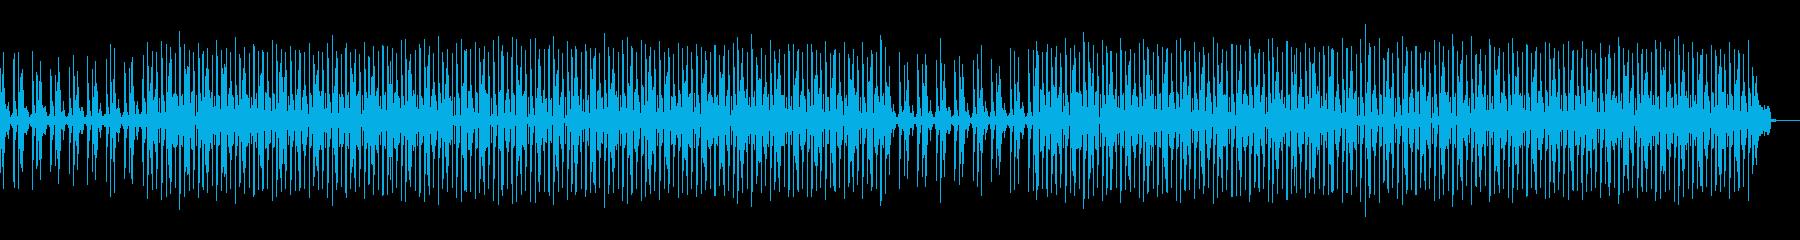 ニュースの怪しい場面のような曲の再生済みの波形